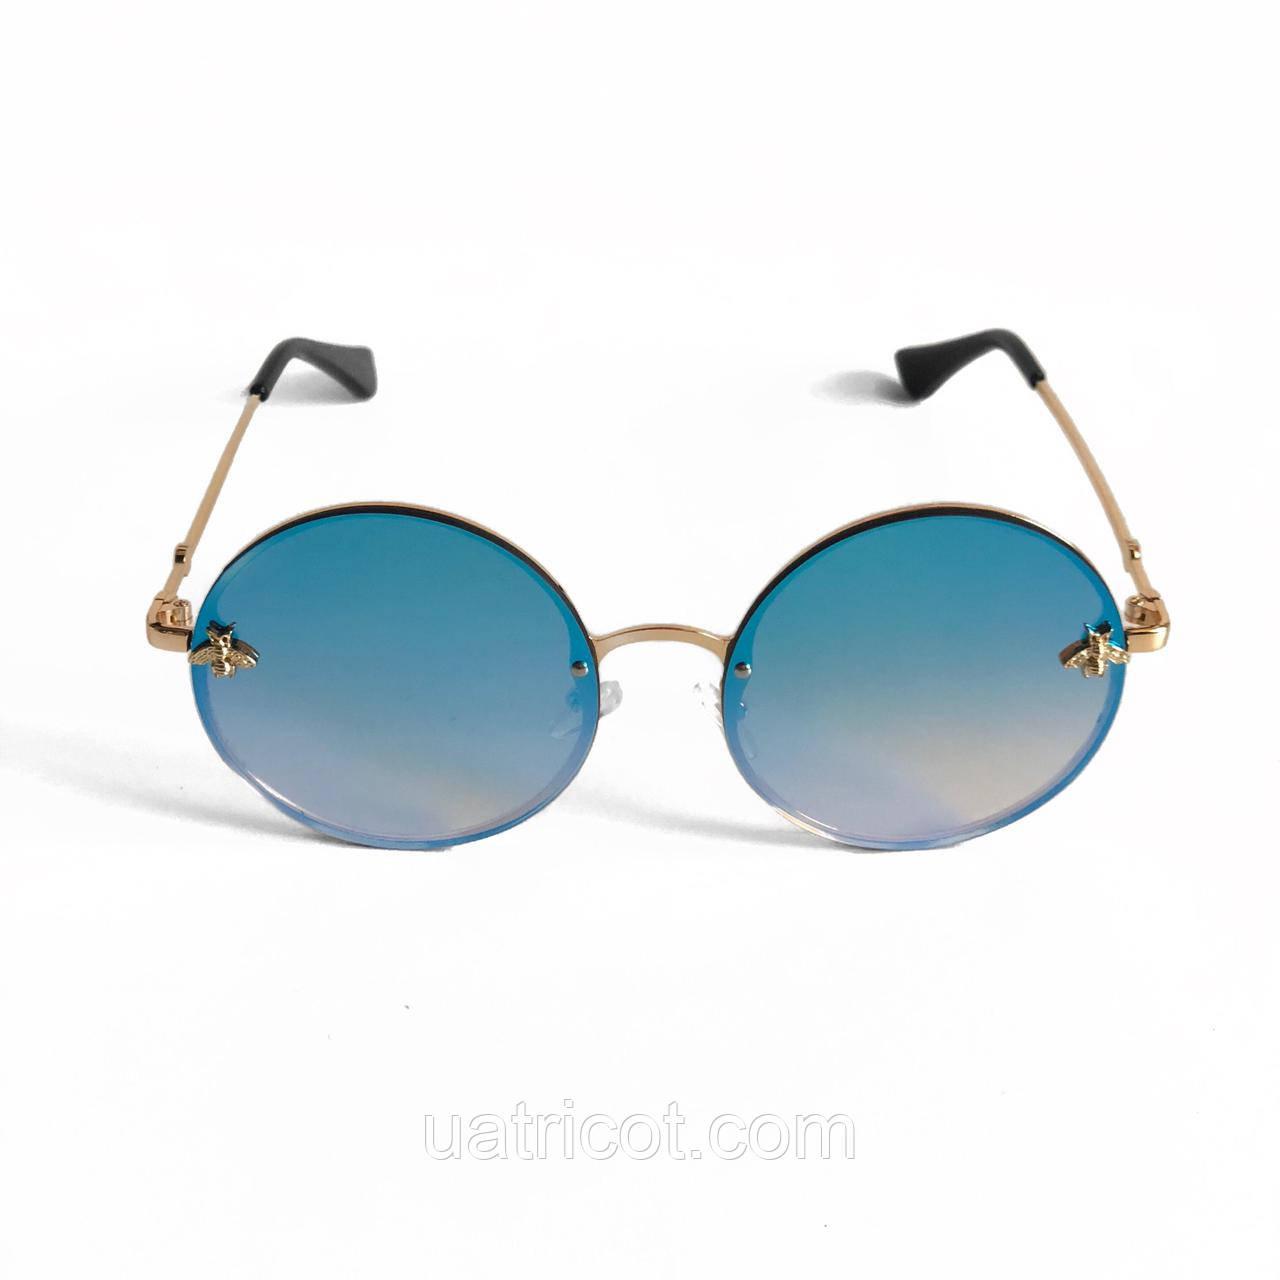 Женские круглые солнцезащитные очки с голубой зеркальной линзой